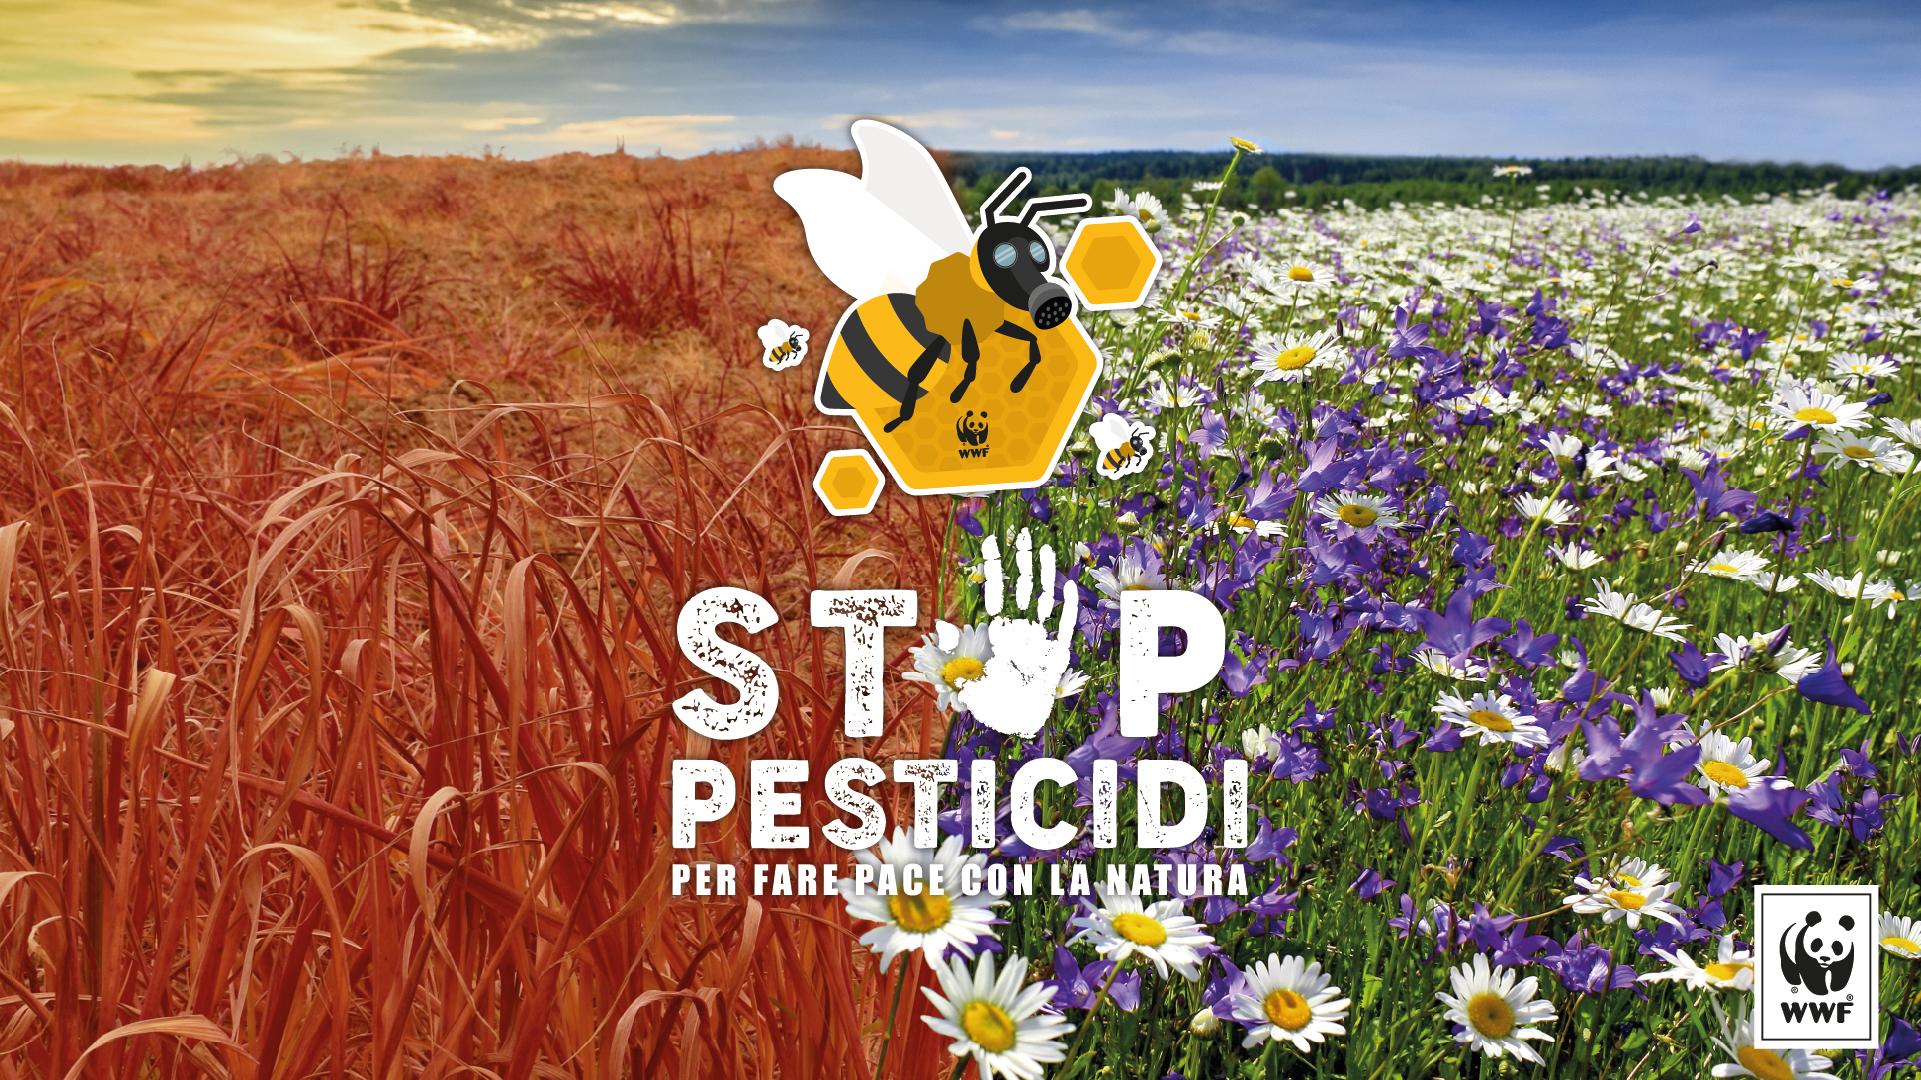 Risultati immagini per STOP PESTICIDI wwf